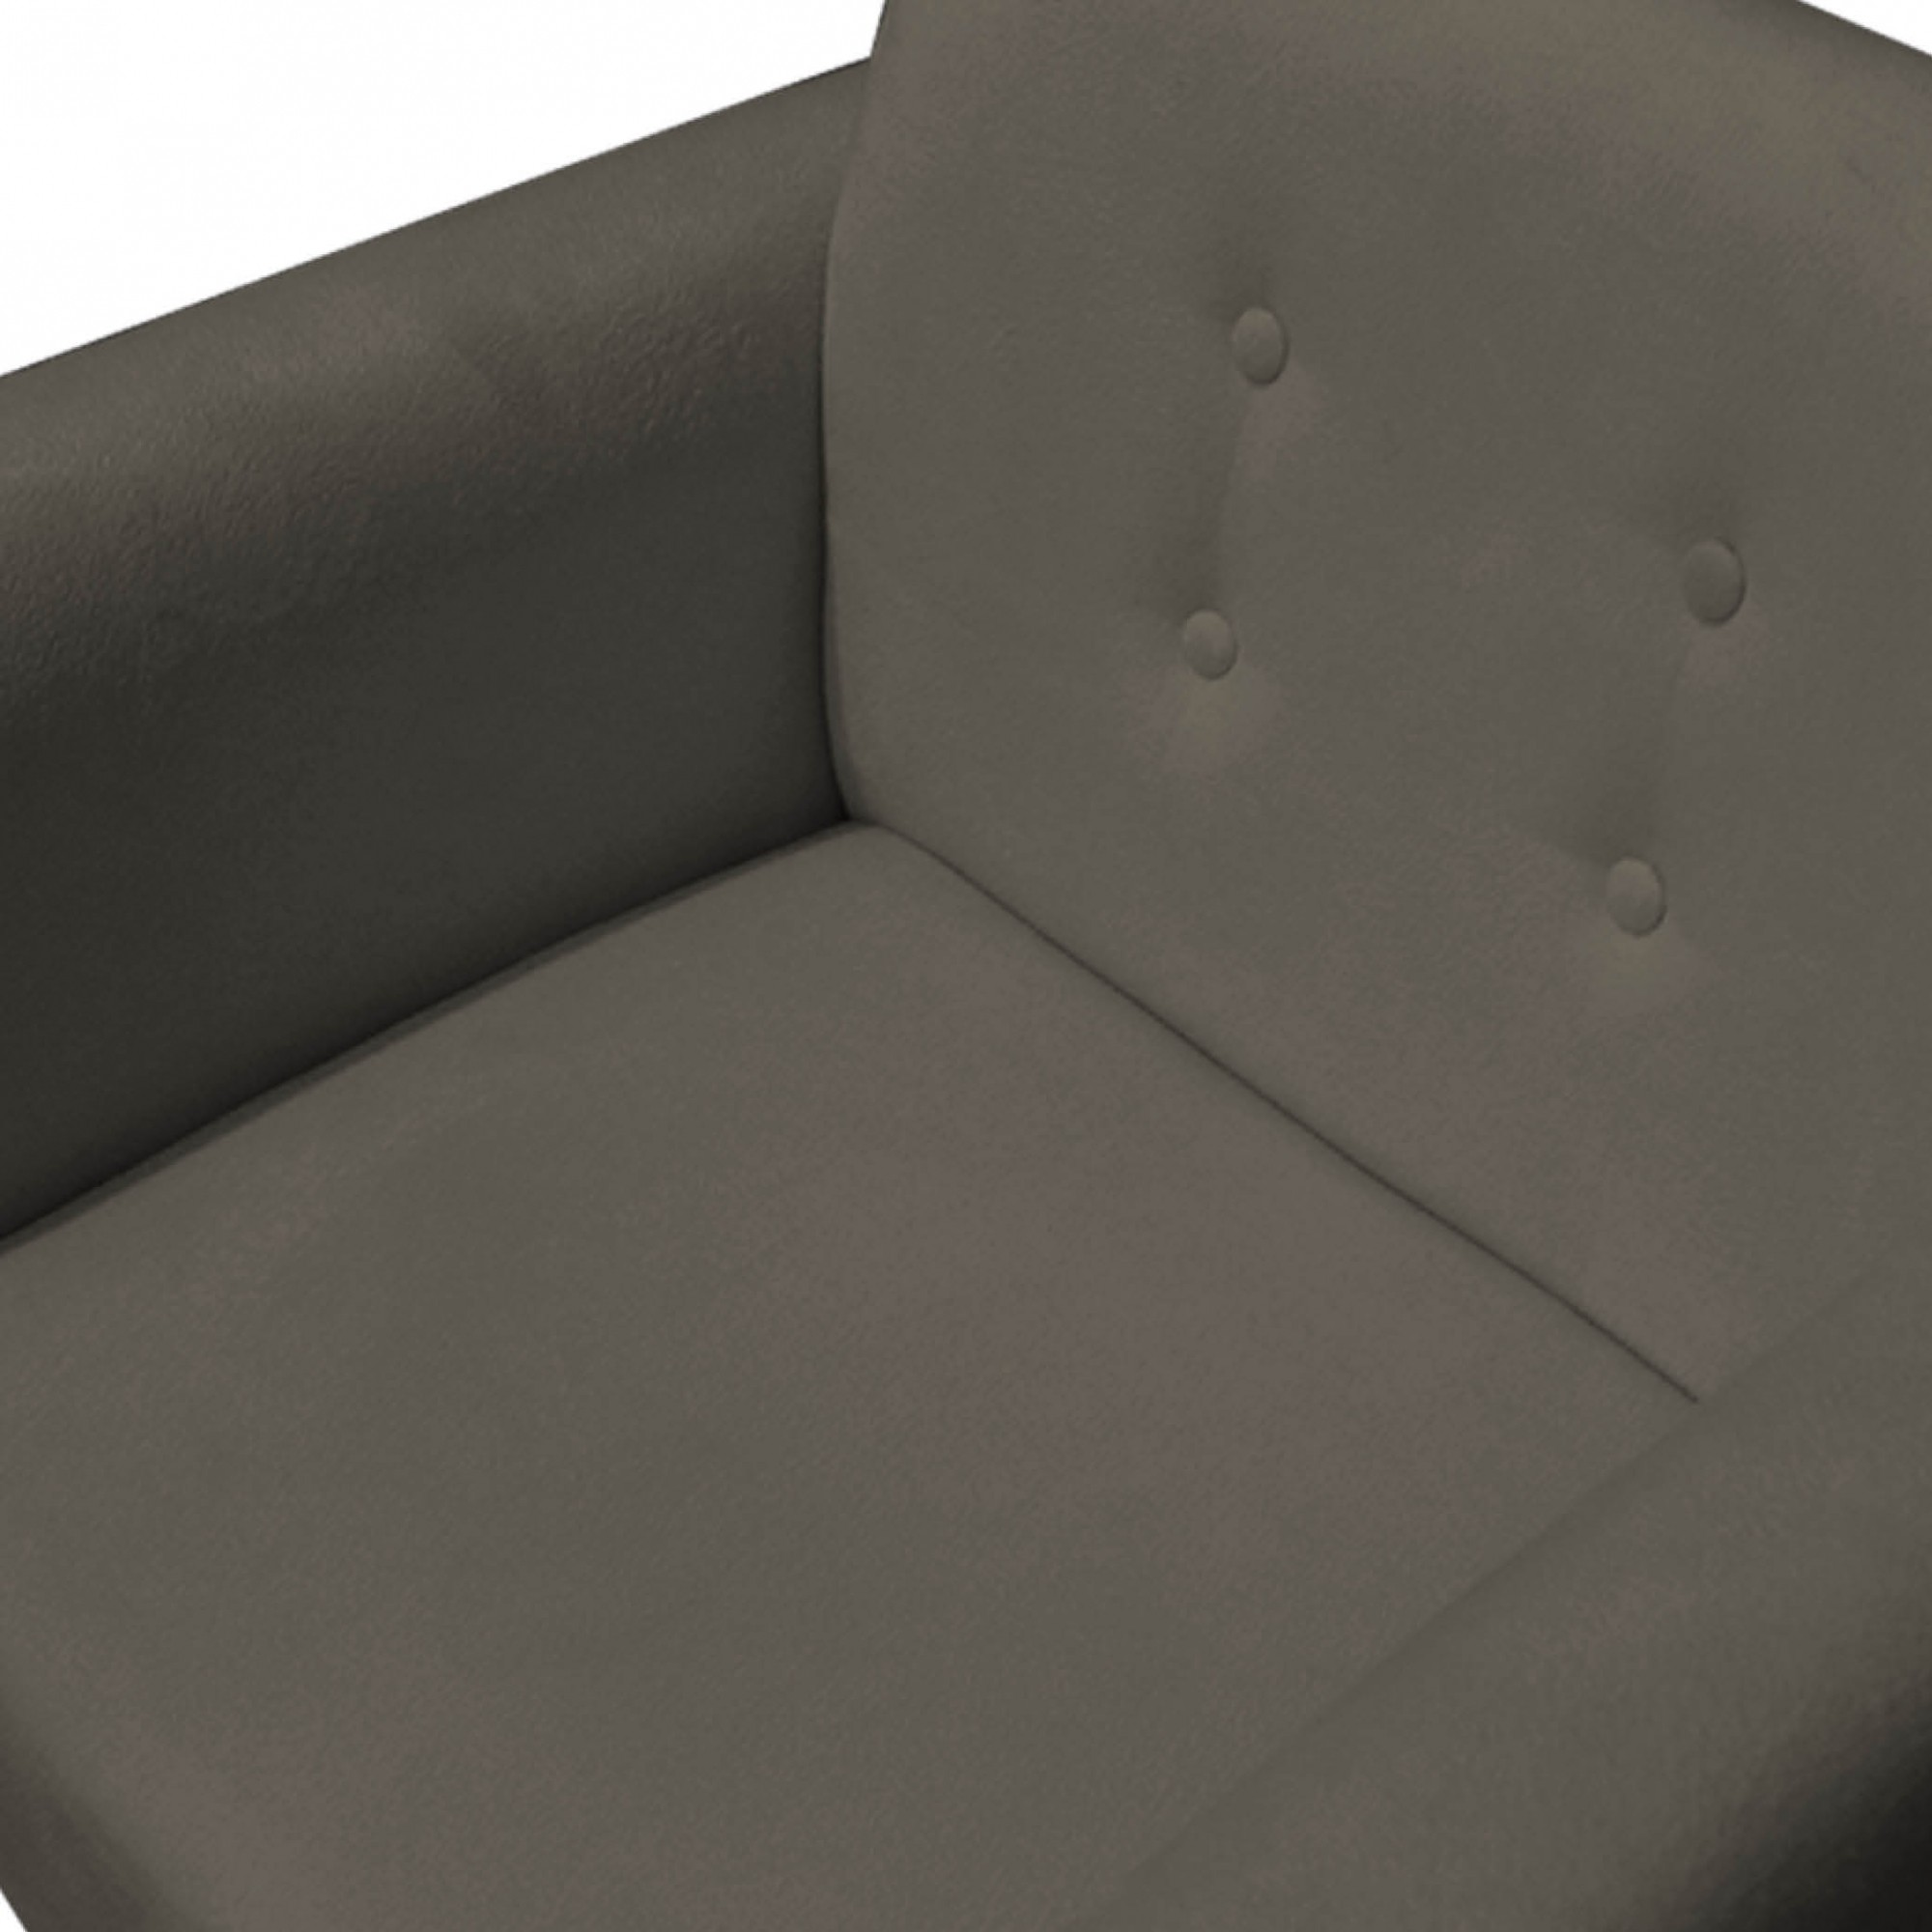 Kit 04 Poltronas Duda Decorativa Sala de Estar Recepção Pé Palito Suede Marrom Rato D10 - D´Classe Decor